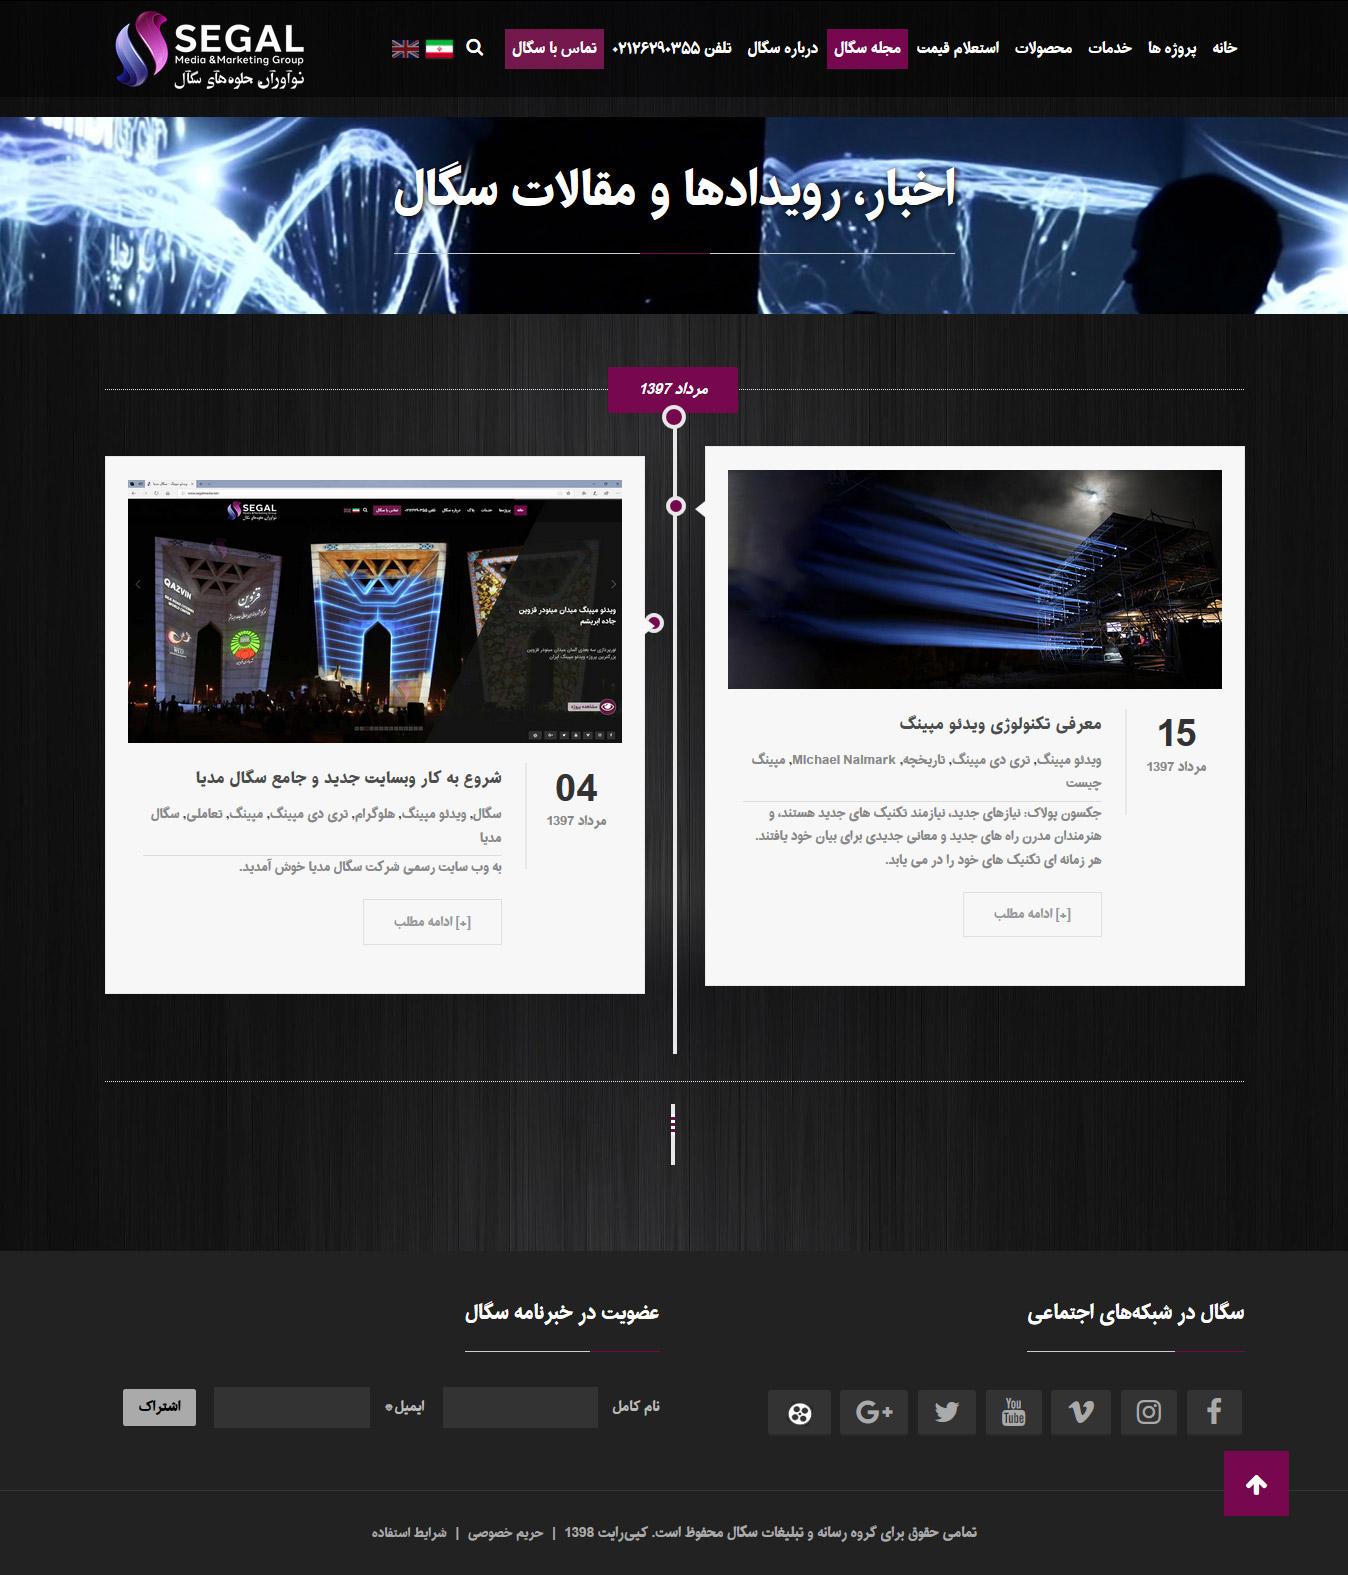 تصویری از صفحه بلاگ، اخبار و مقالات وبسایت گروه رسانه سگال